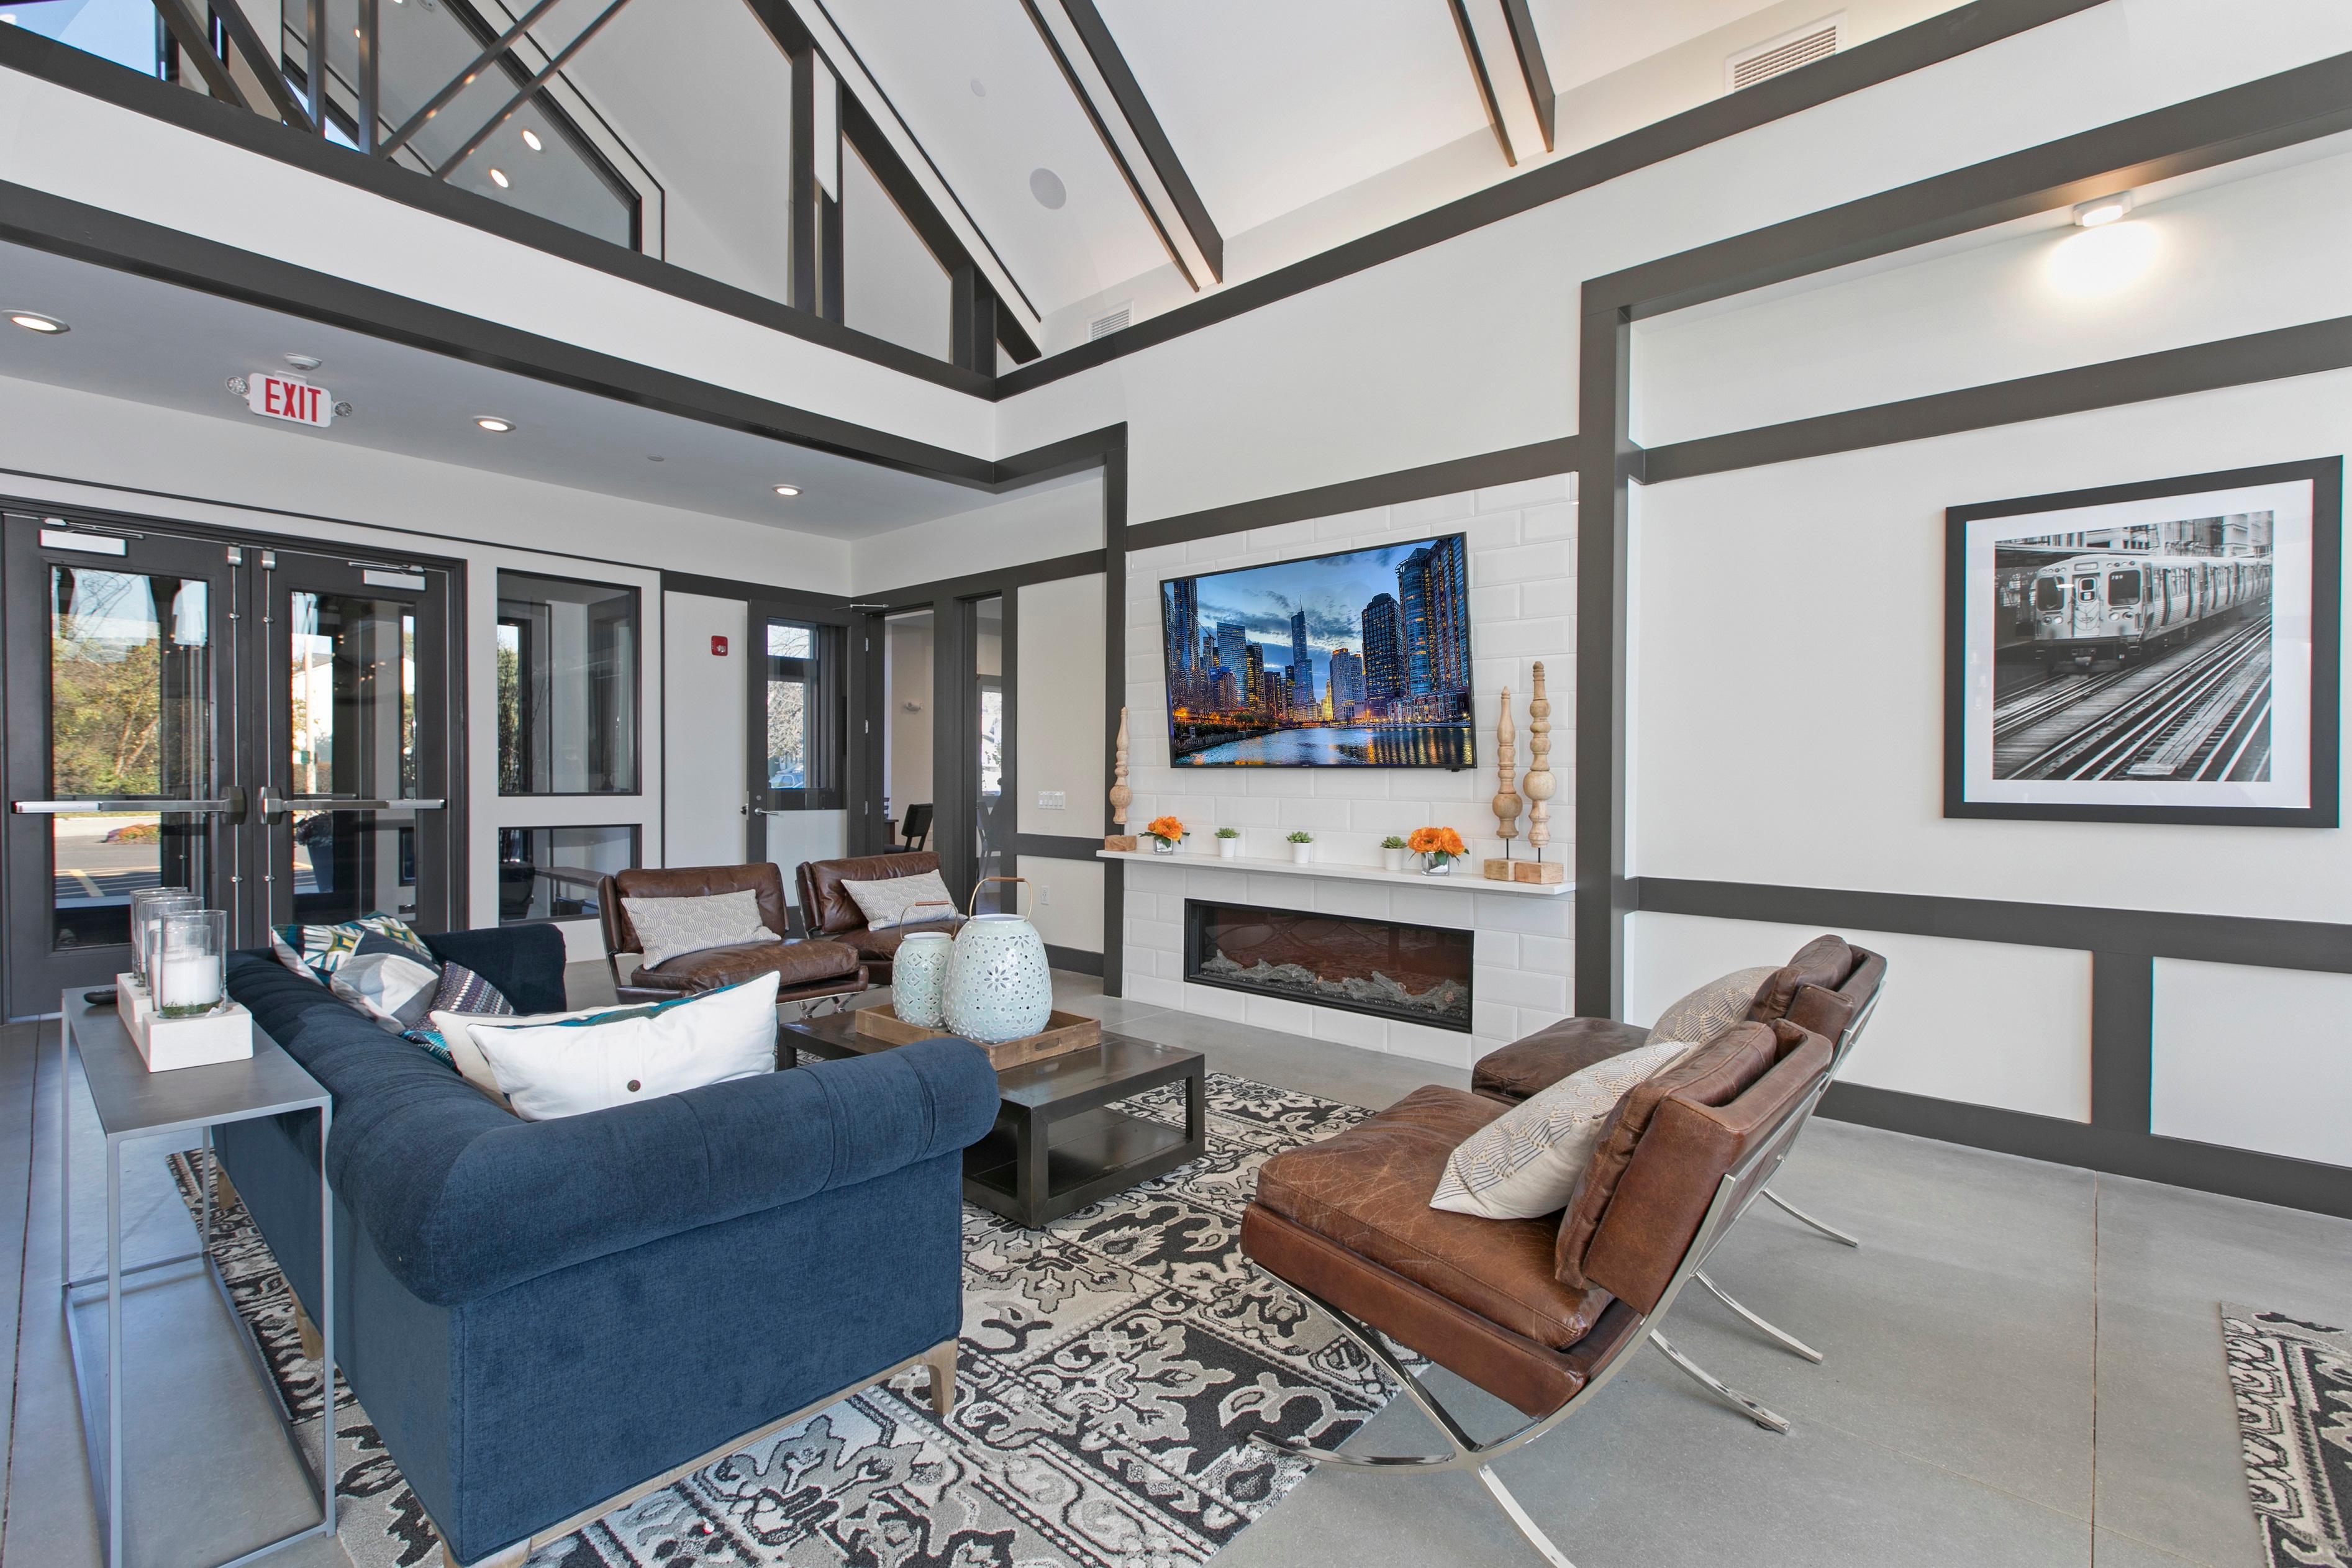 Westmont Village Apartments image 2